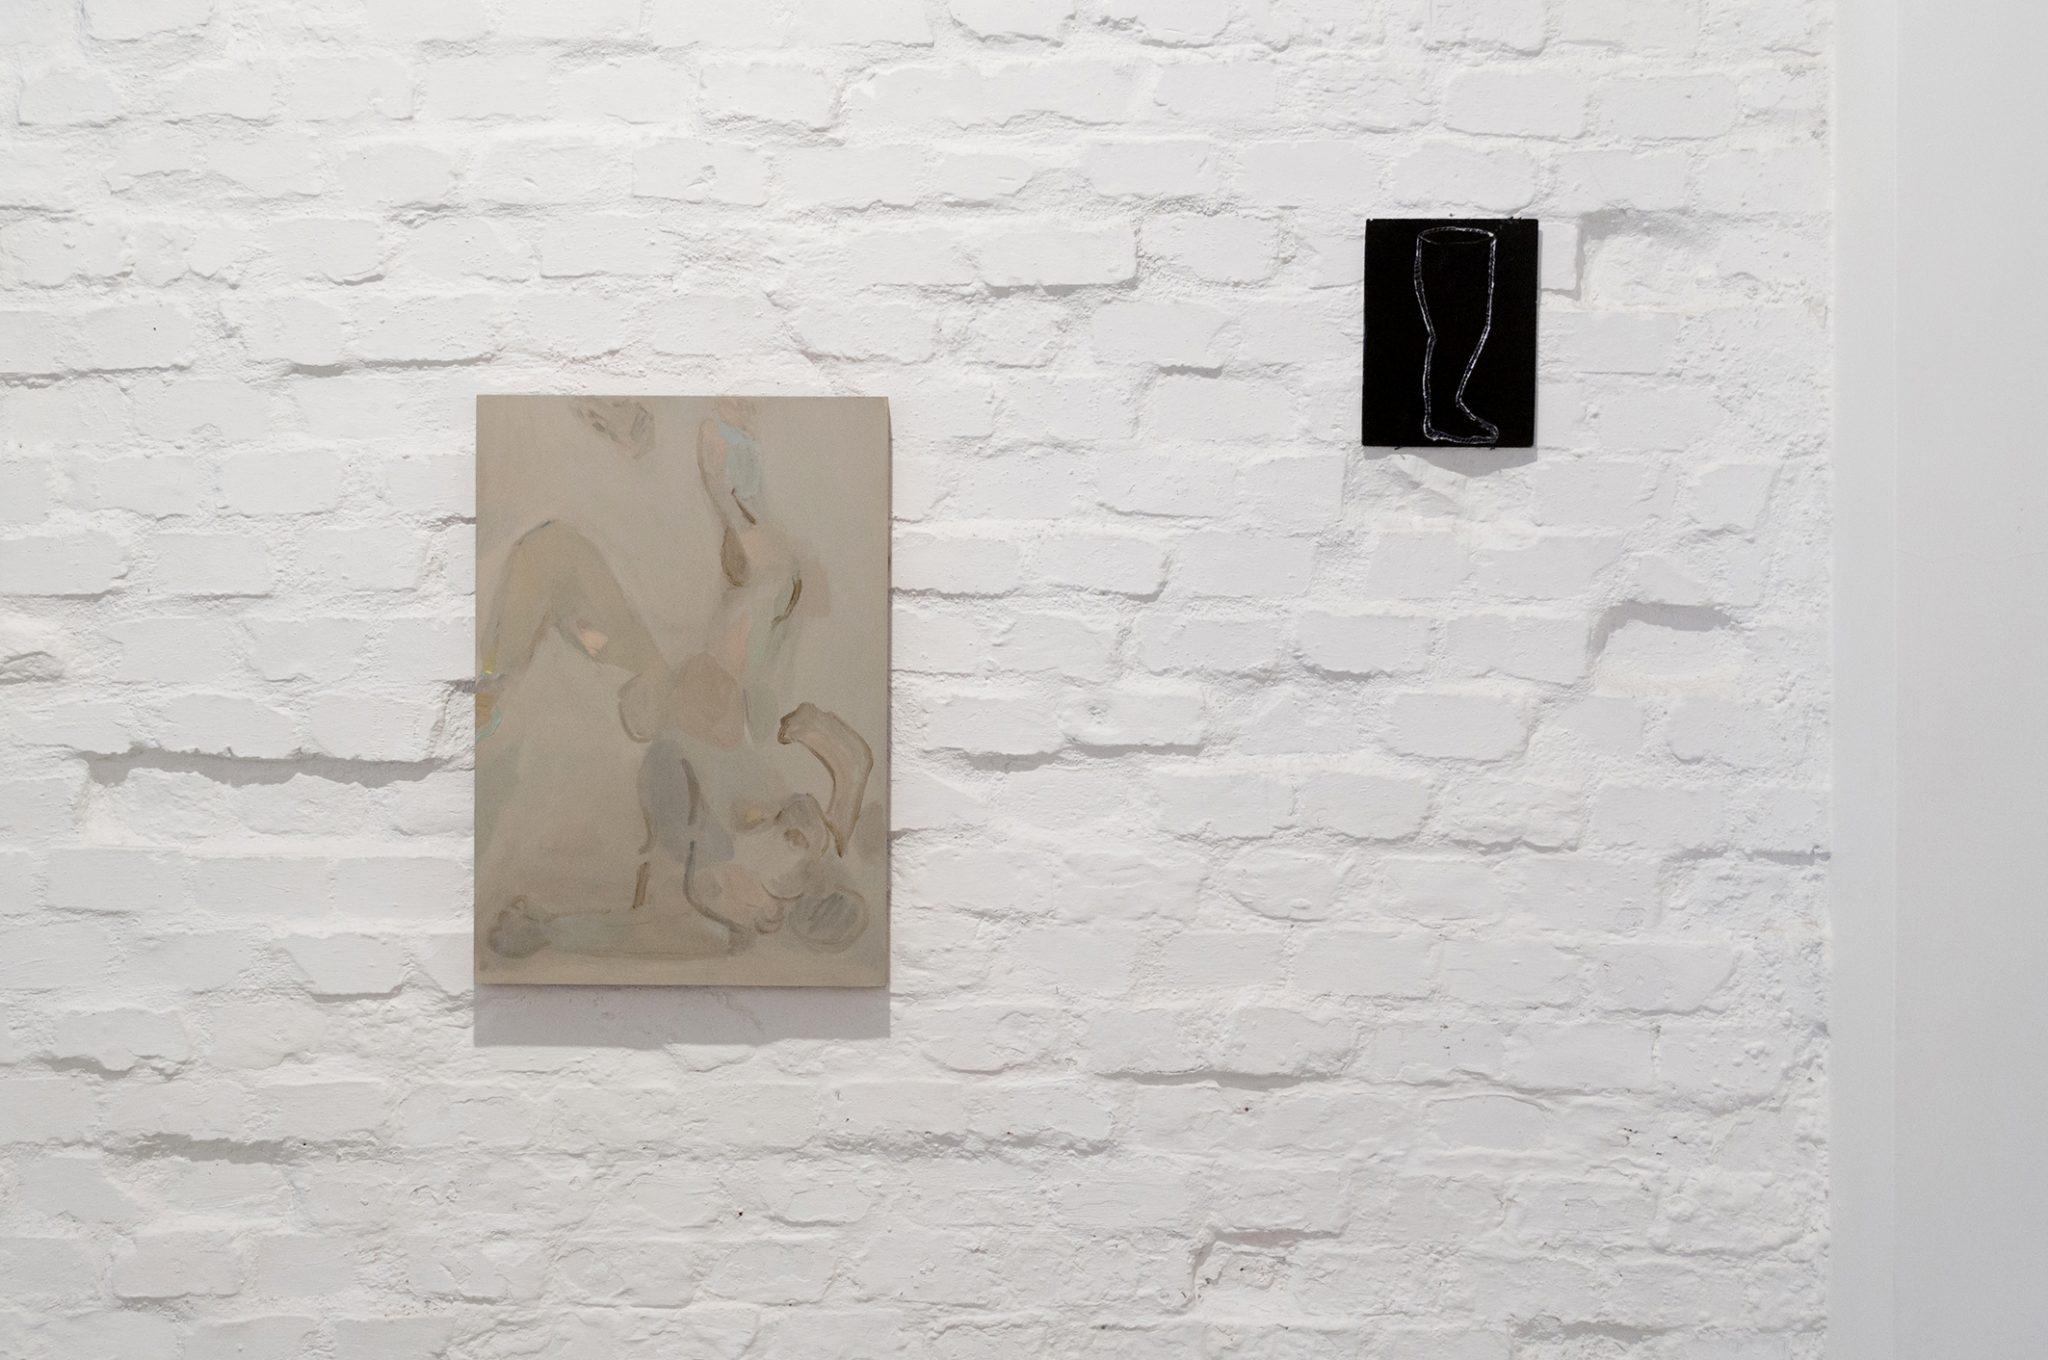 Tra un atto e l'altro, Beatrice Meoni. I suoi frammenti temporali di corpo in mostra a Sarzana